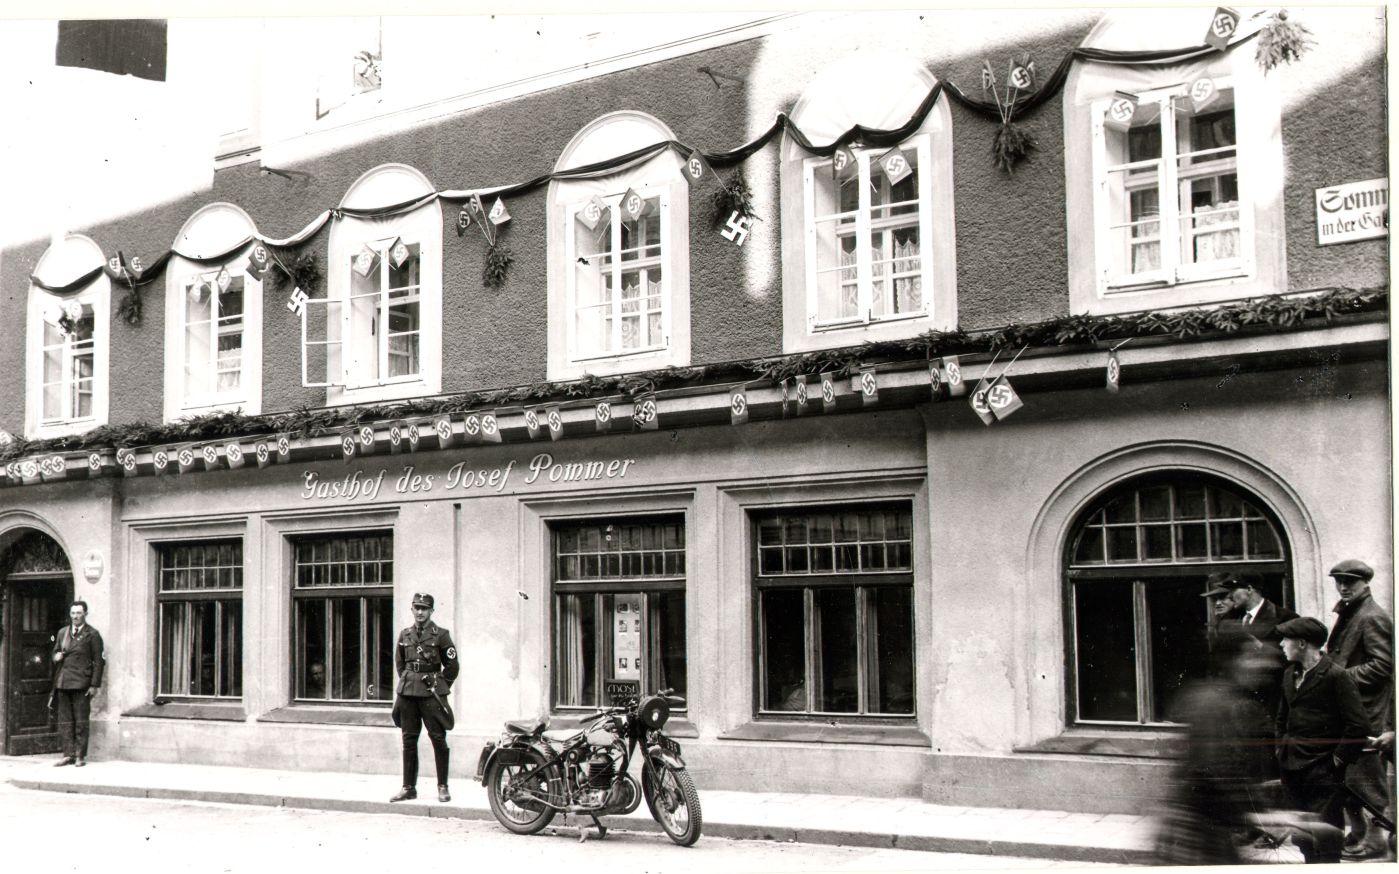 foto: braunau history Historische Ansicht des Hauses in Braunau, in dem Adolf Hitler geboren wurde. Bis in die späten 1930er-Jahre war hier der Gasthof Pommer untergebracht